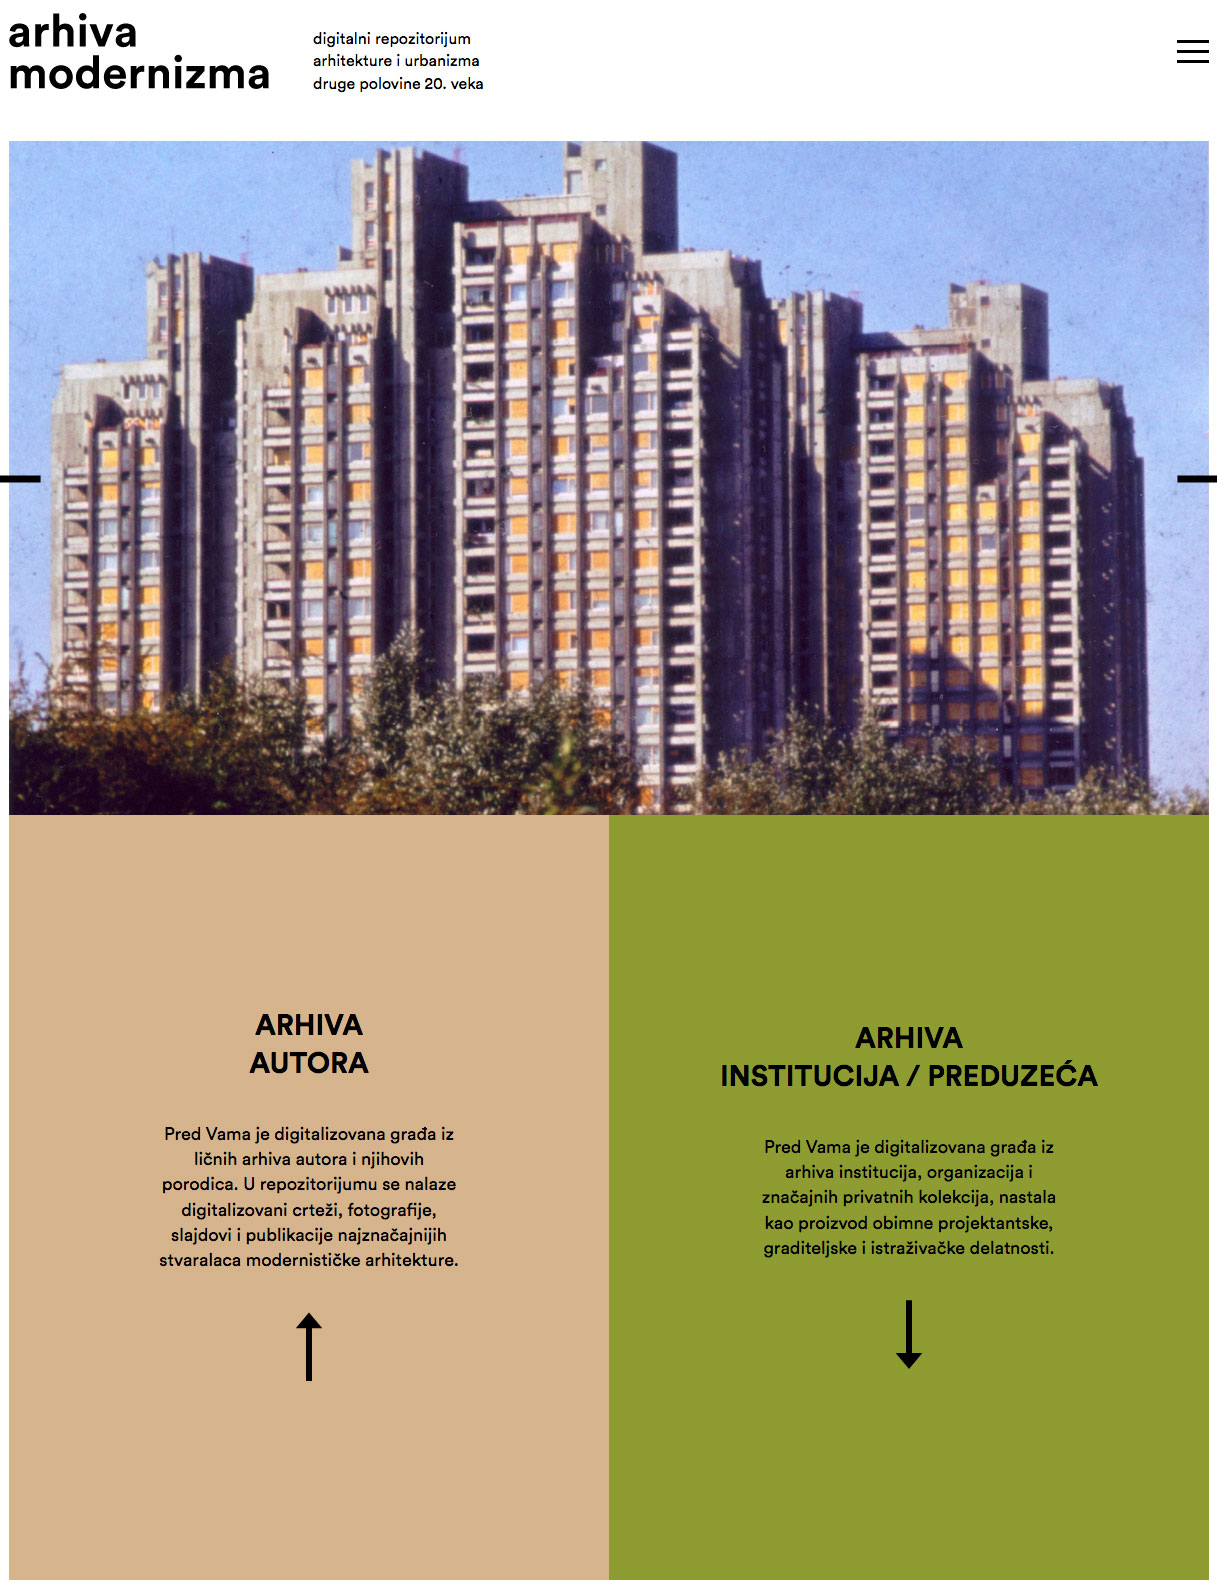 Arhiva_modernizma_frame_01